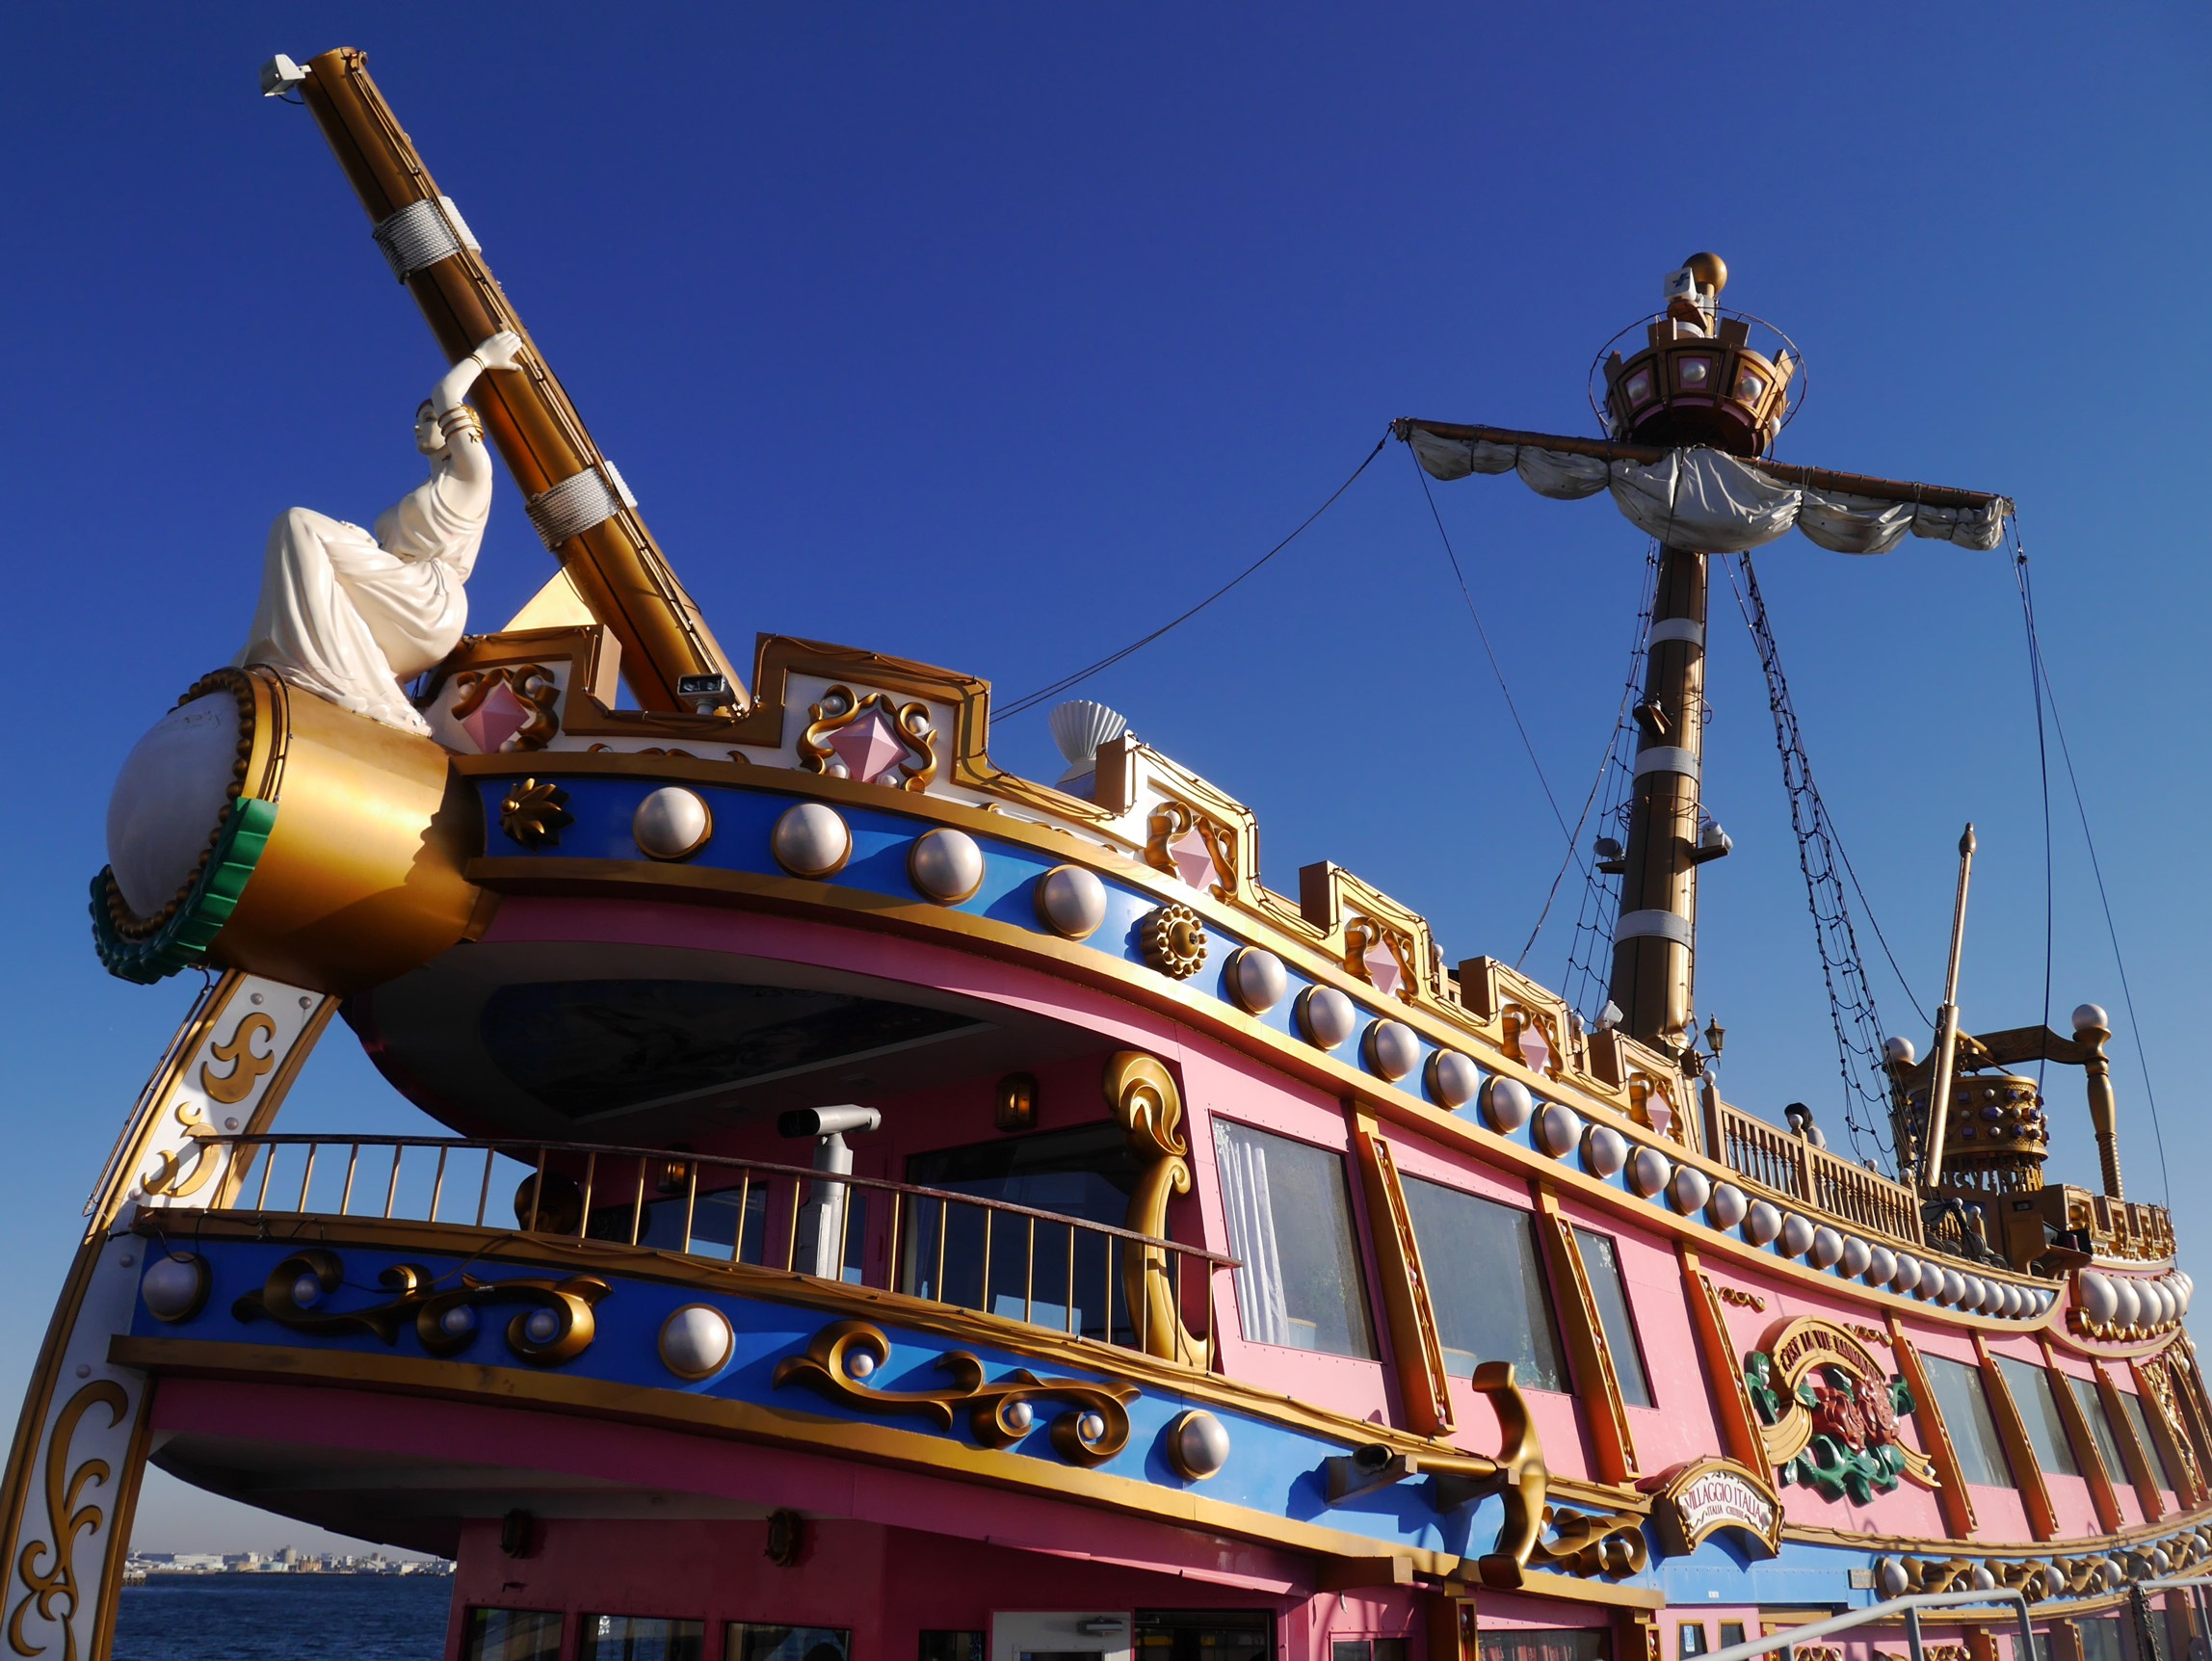 海賊船前方の外観図